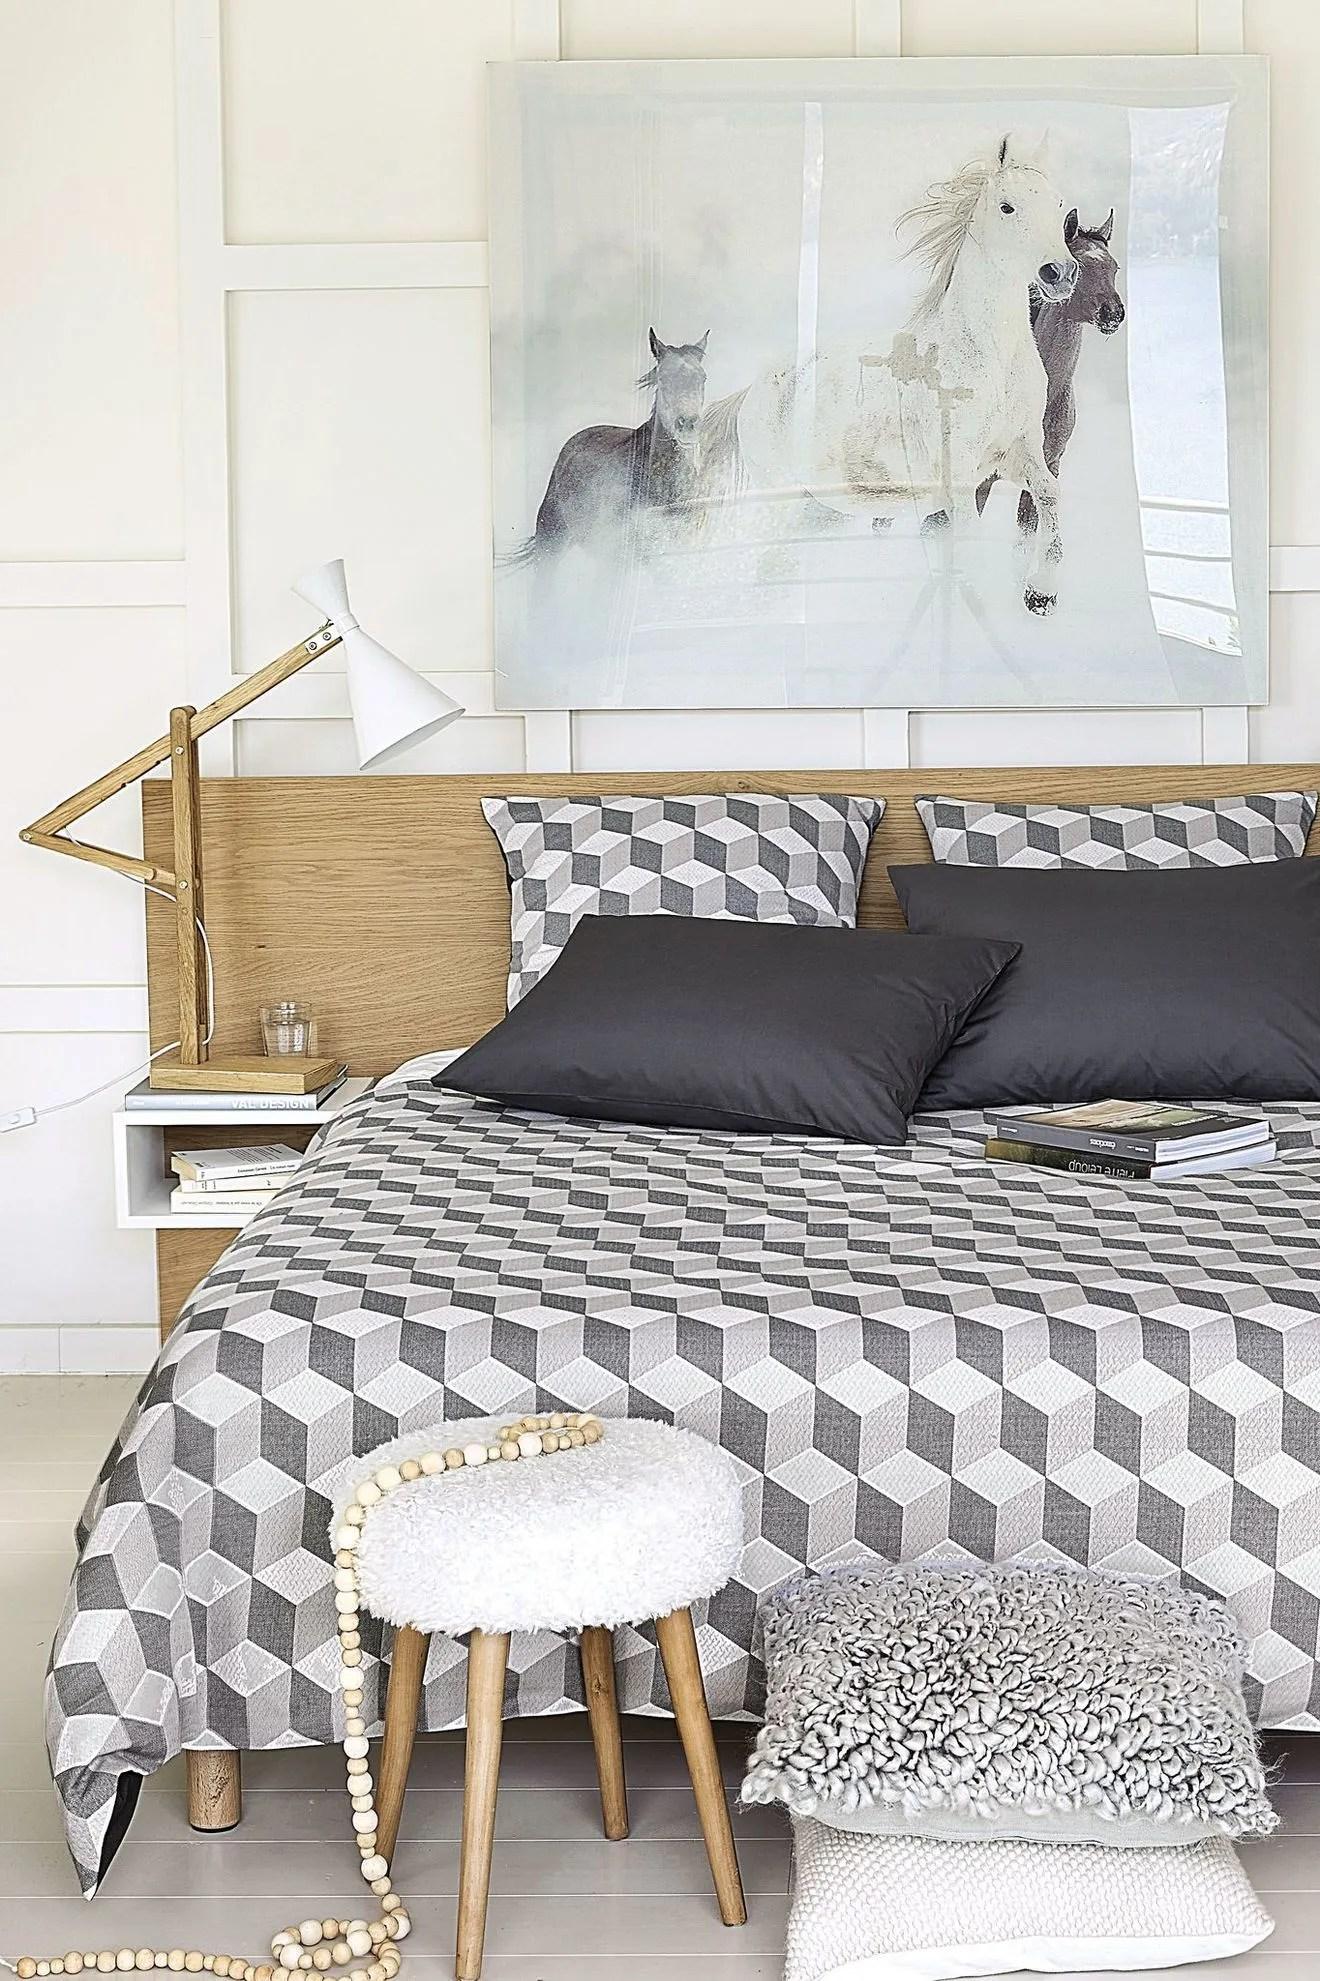 Acheter Une Tete De Lit Maison Design